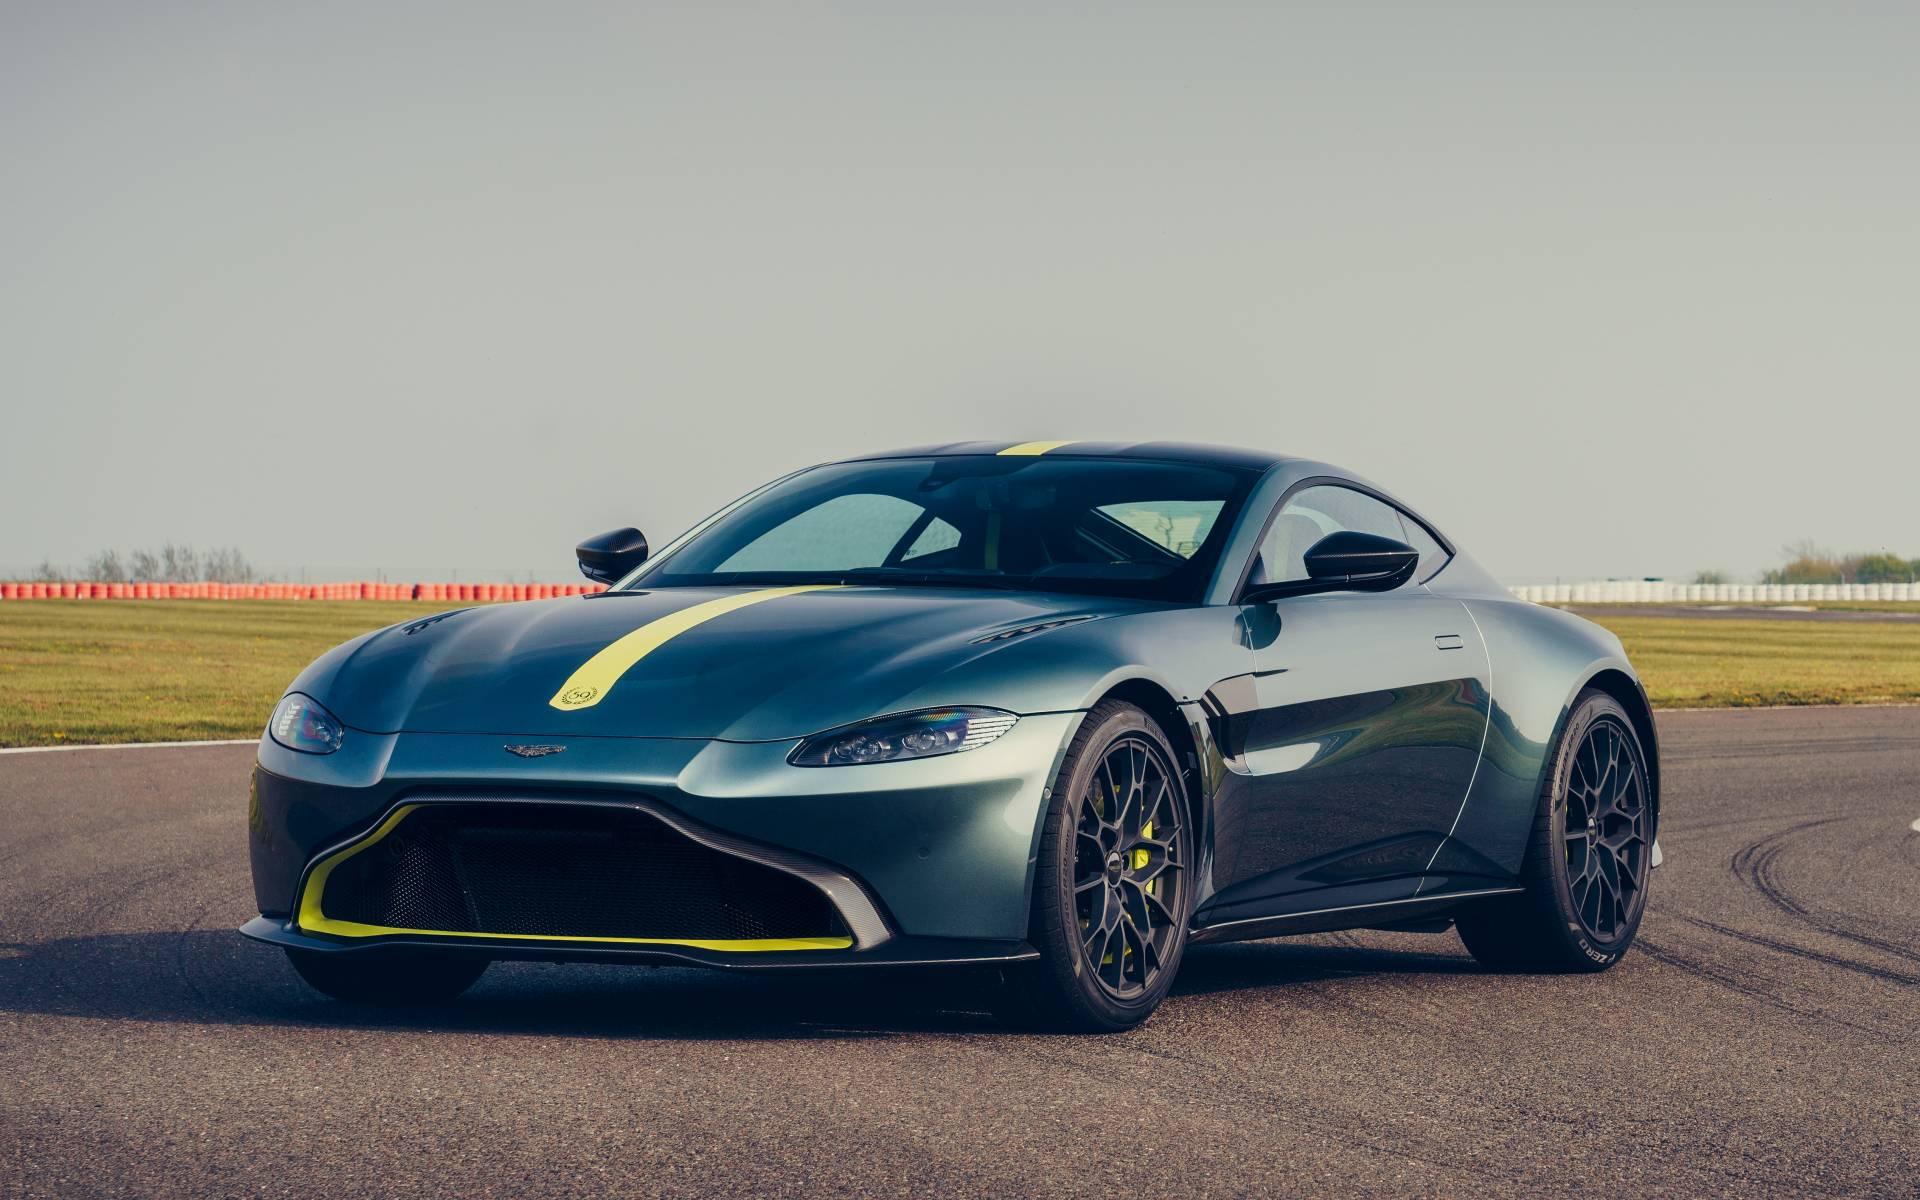 2020 Aston Martin Vantage Photos 1 1 The Car Guide